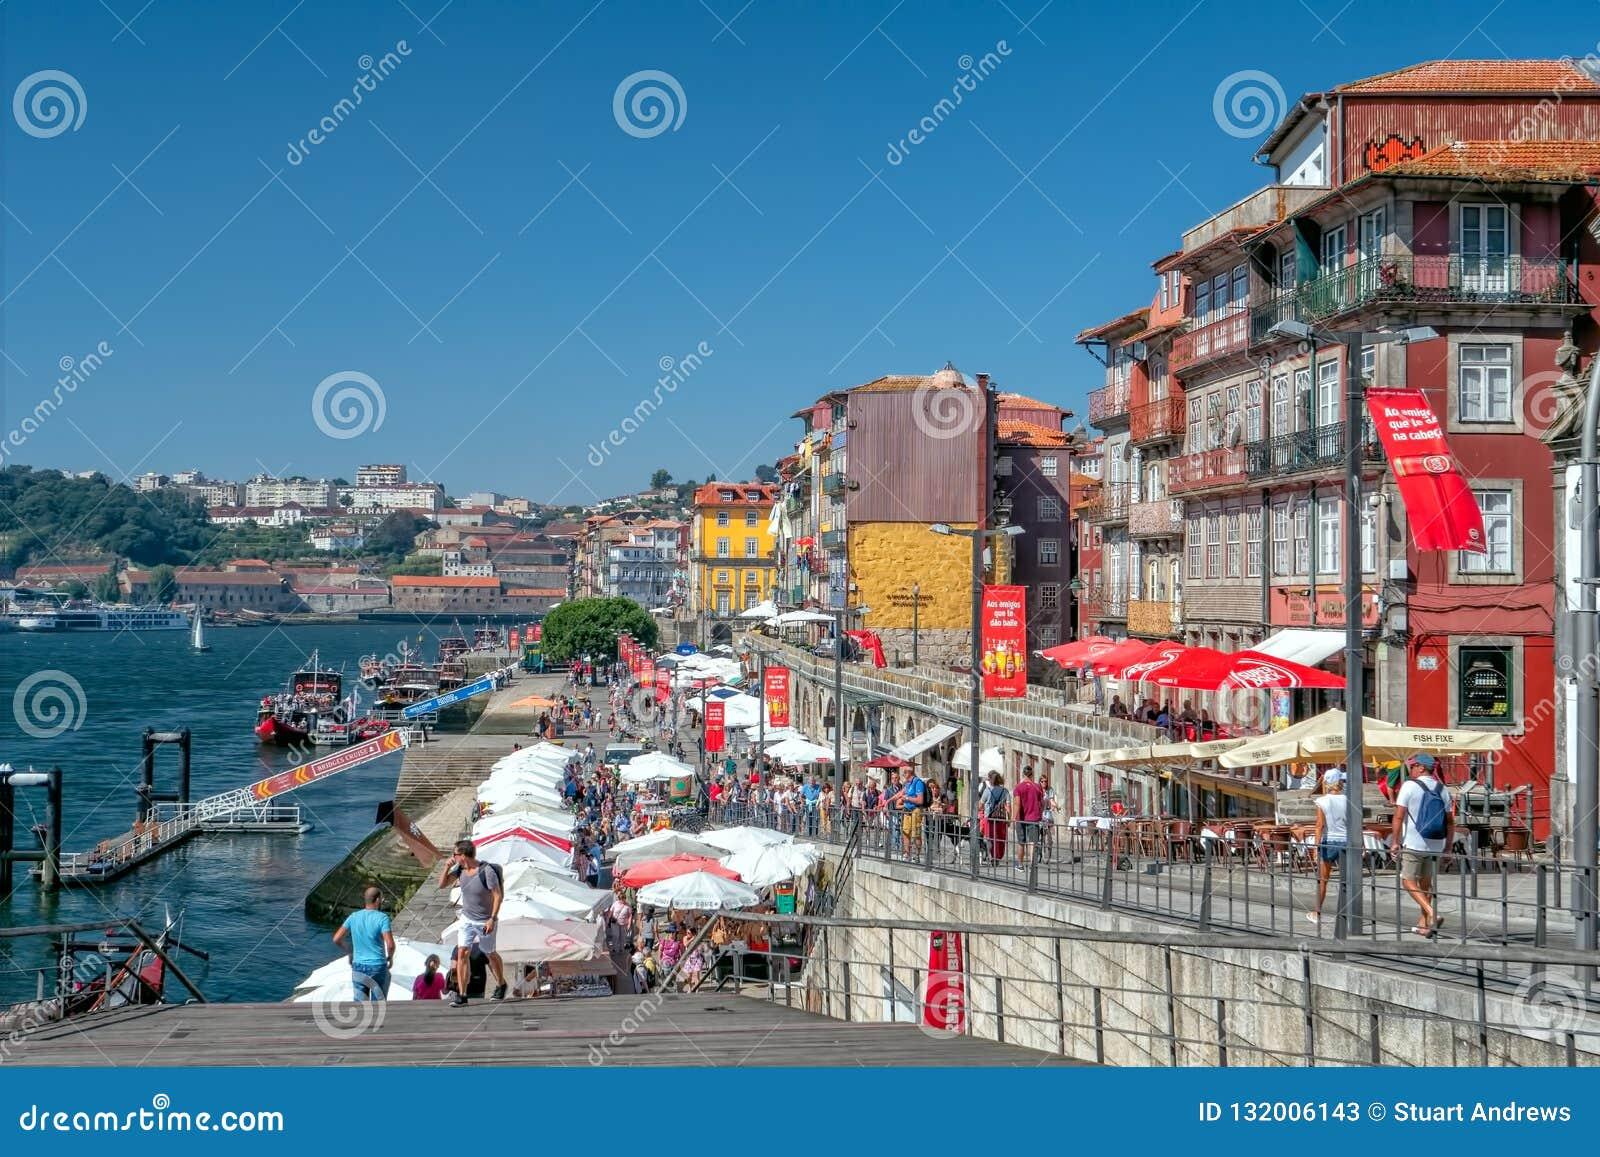 Le bord de mer historique de Ribeira, Porto, Portugal